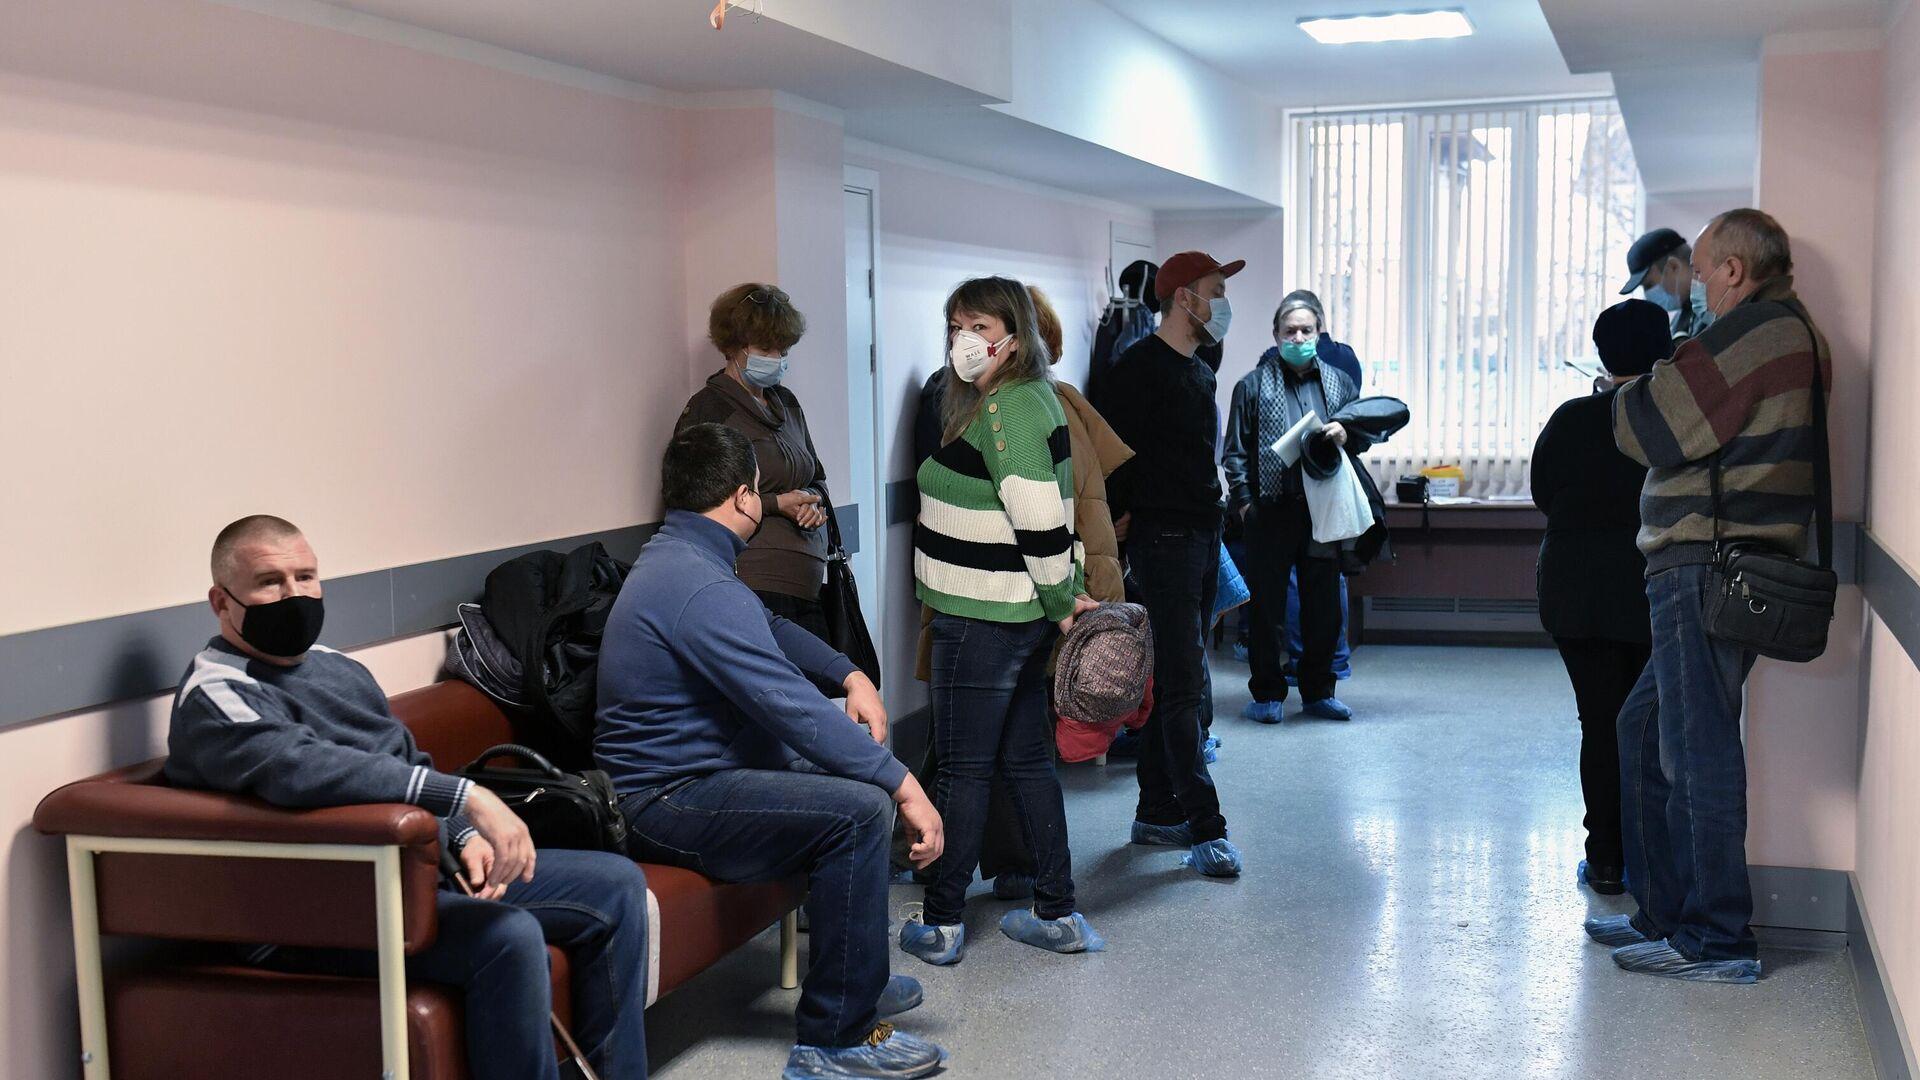 Вакцинация жителей Симферополя от коронавируса - РИА Новости, 1920, 10.02.2021